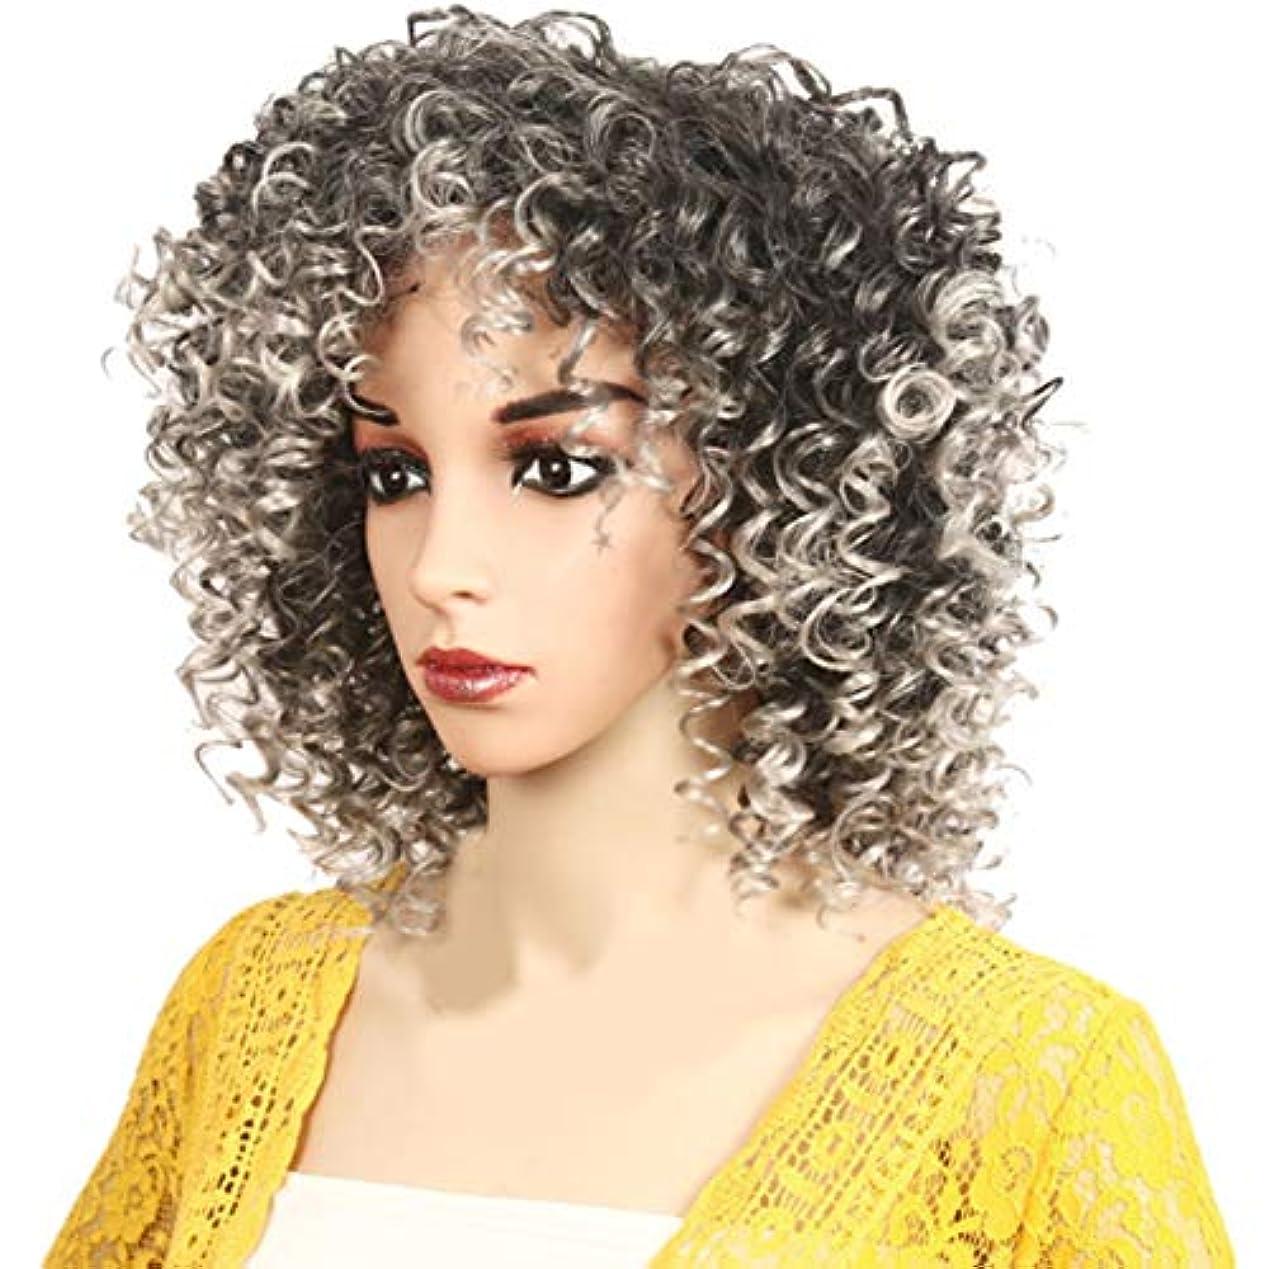 忠実に浮く包帯アフリカの黒人女性のかつら短い巻き毛のかつらふわふわ自然は低温二次形状で矯正することができます,Gray